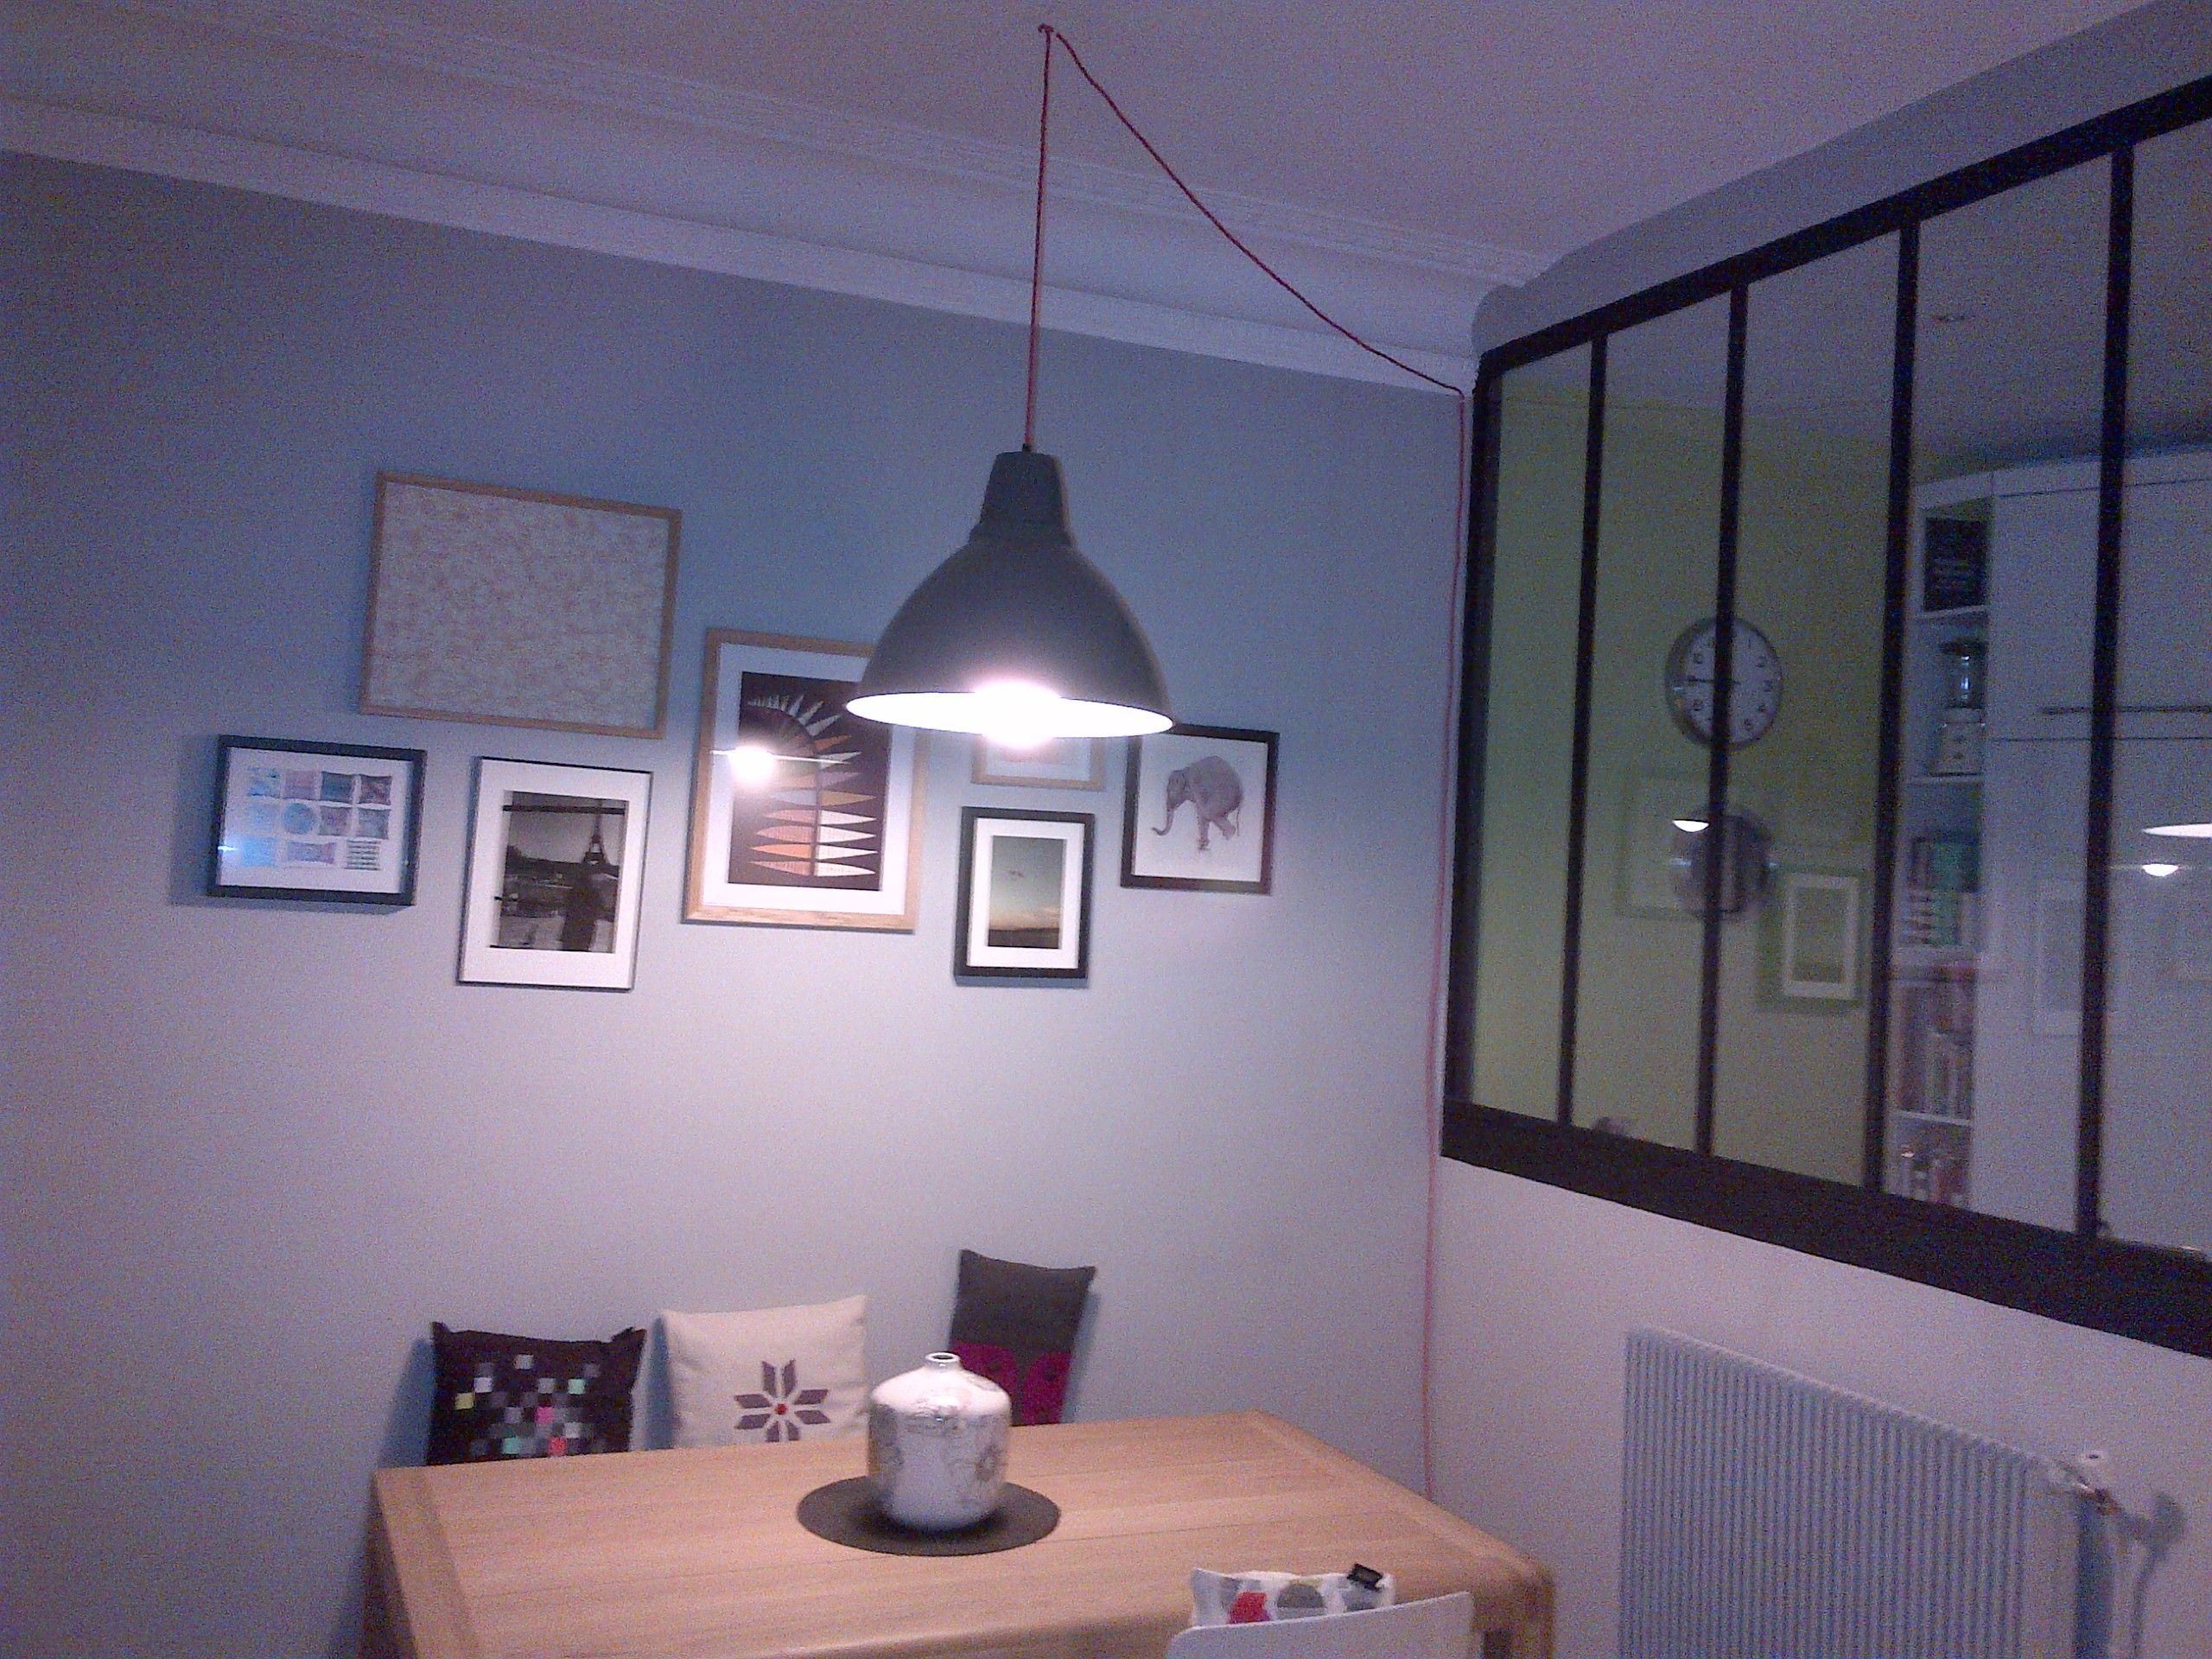 Suspension plafond sur prise électrique | Déco maison, Luminaire salon, Lumiere plafond